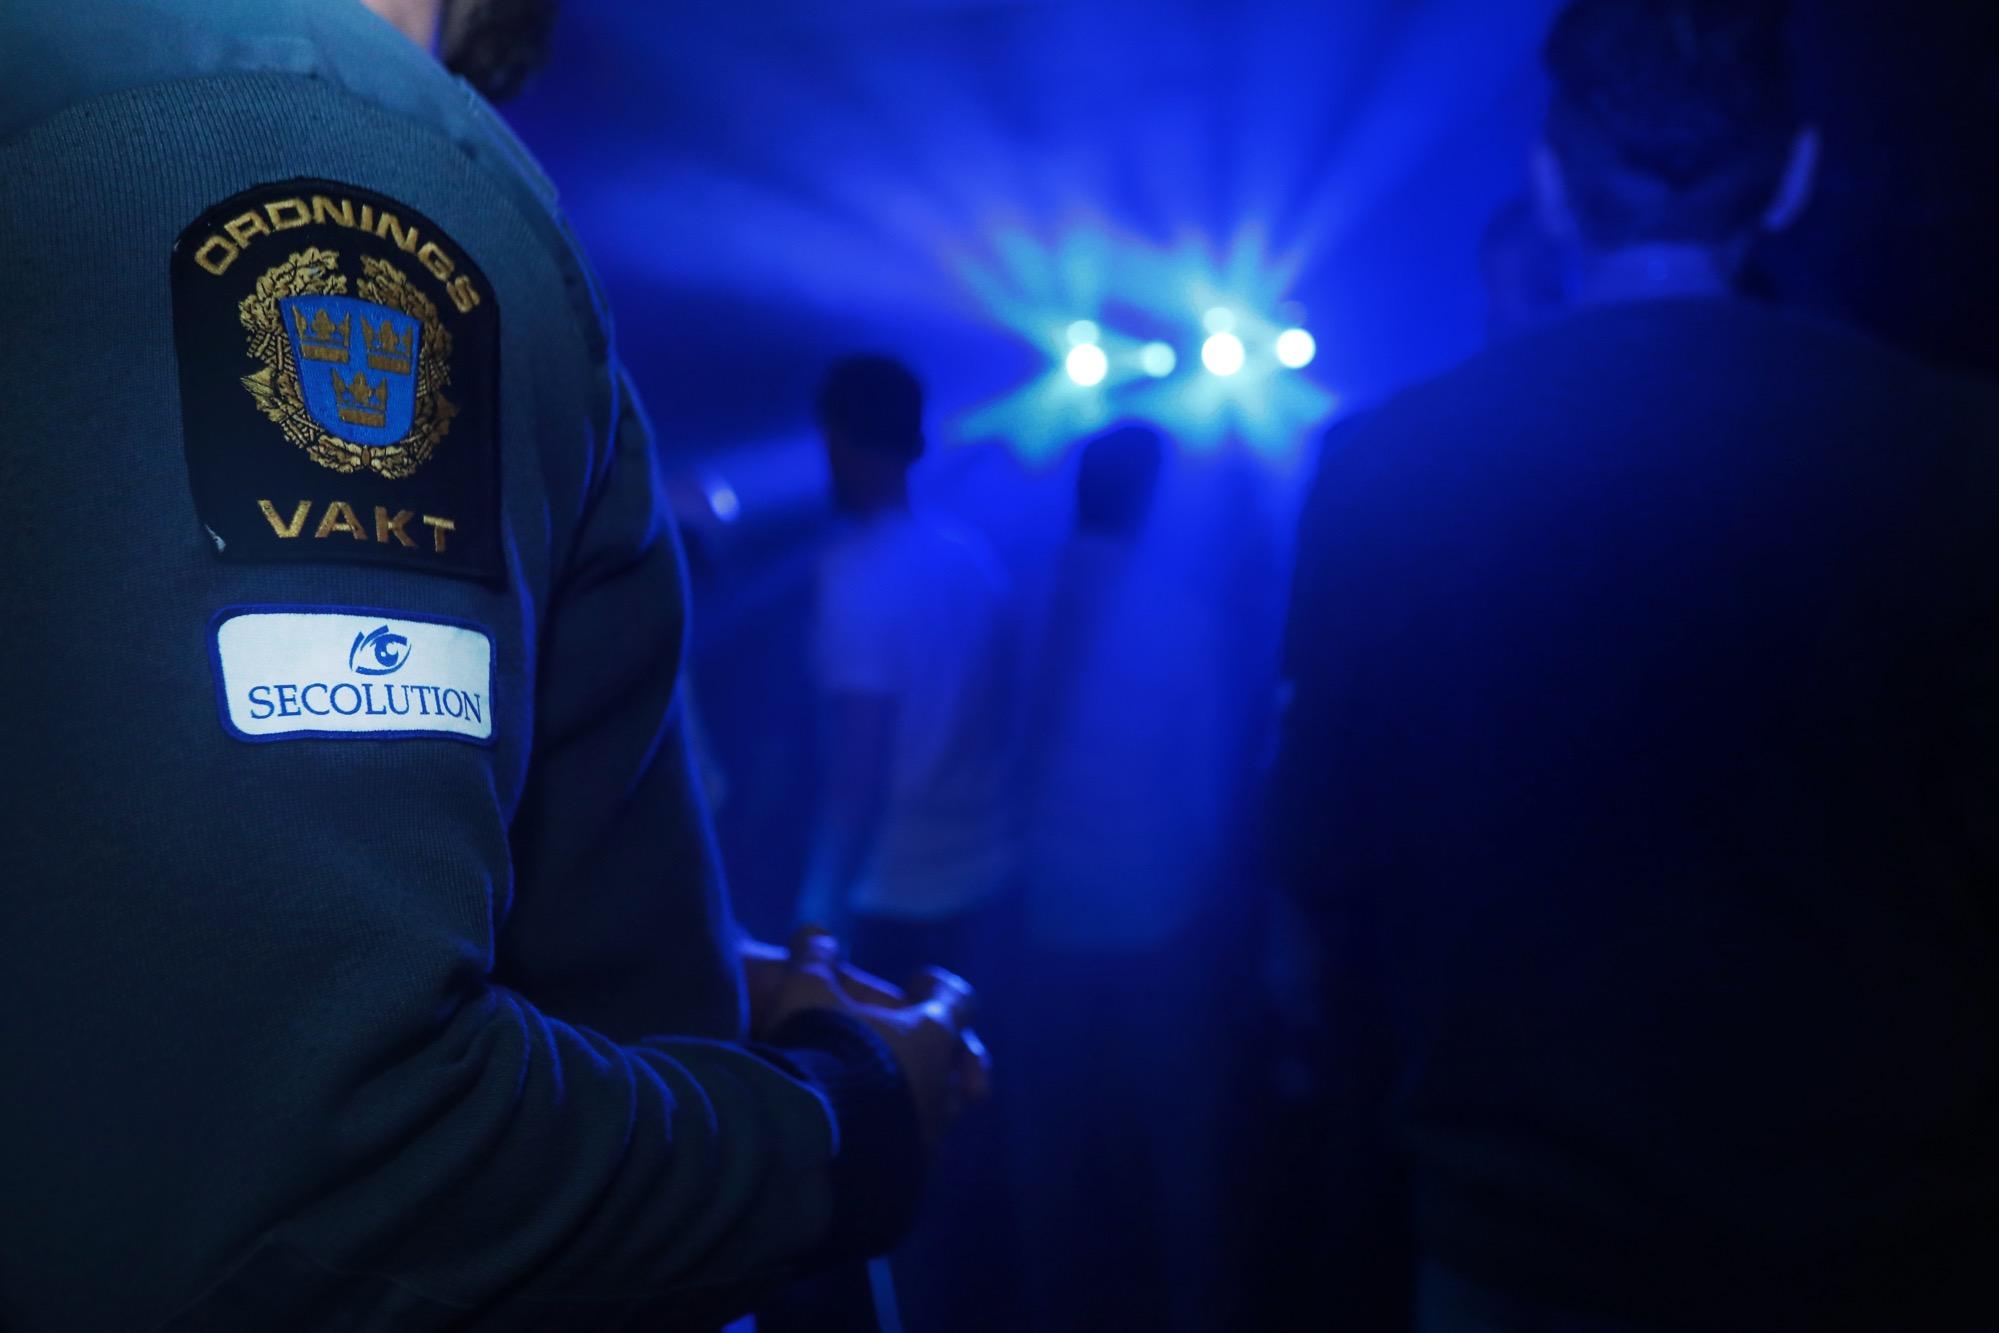 Ordningsvakter står för nattklubbssäkerhet